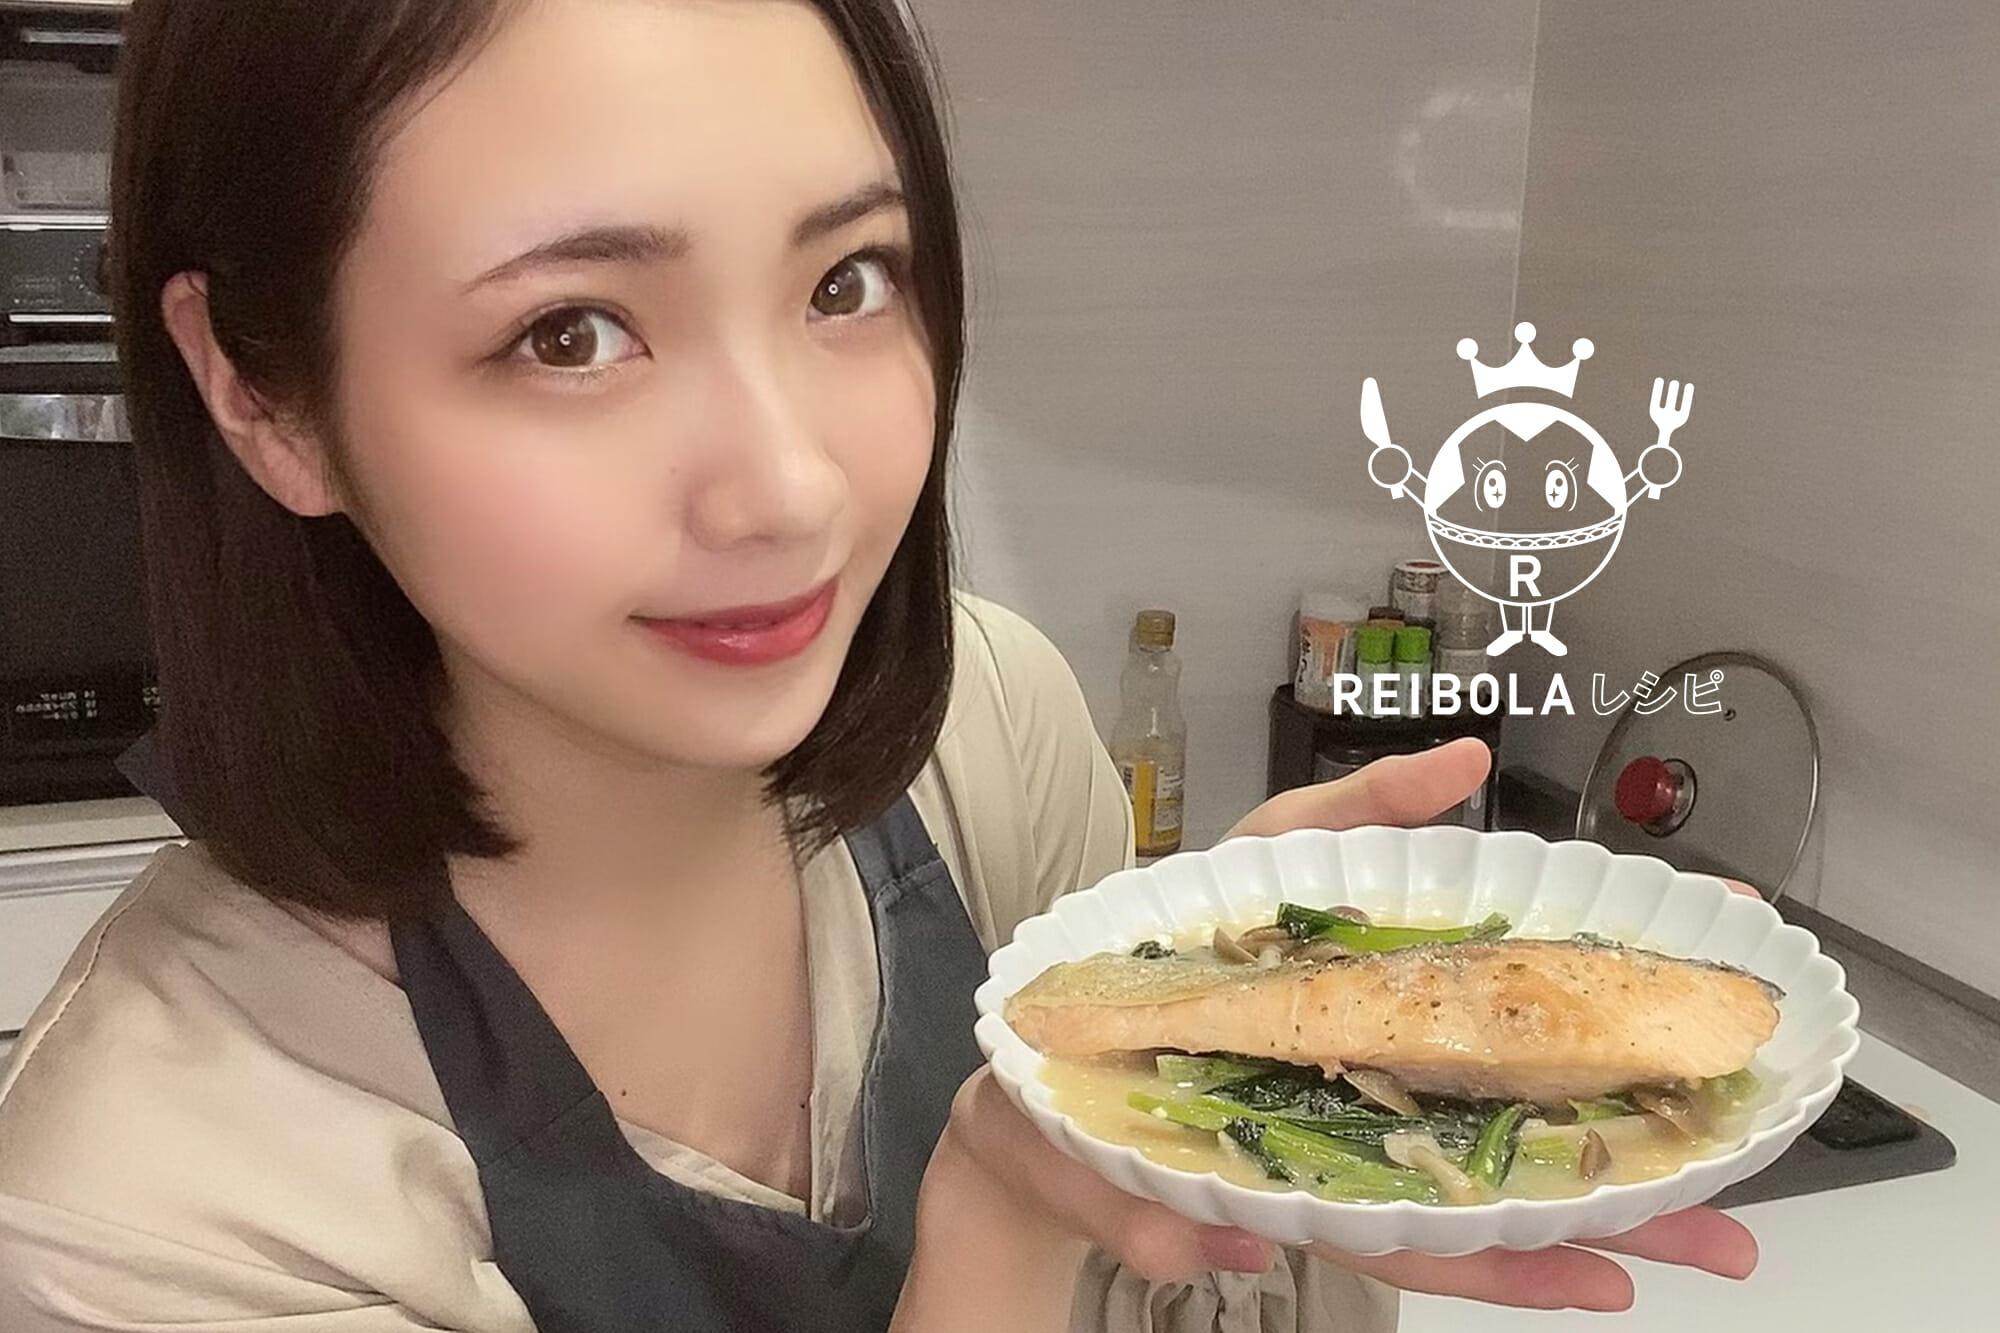 鮭と小松菜のアーモンドミルクブレゼ/フードコーディネーターりこぴん